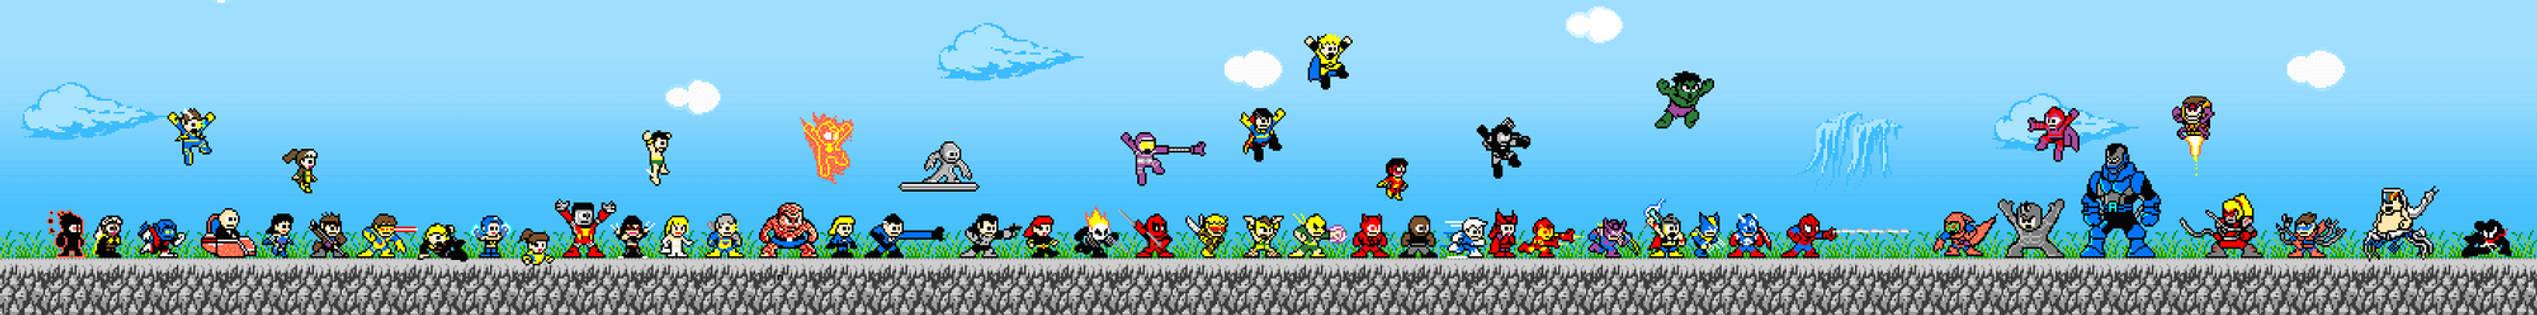 Marvel Megas